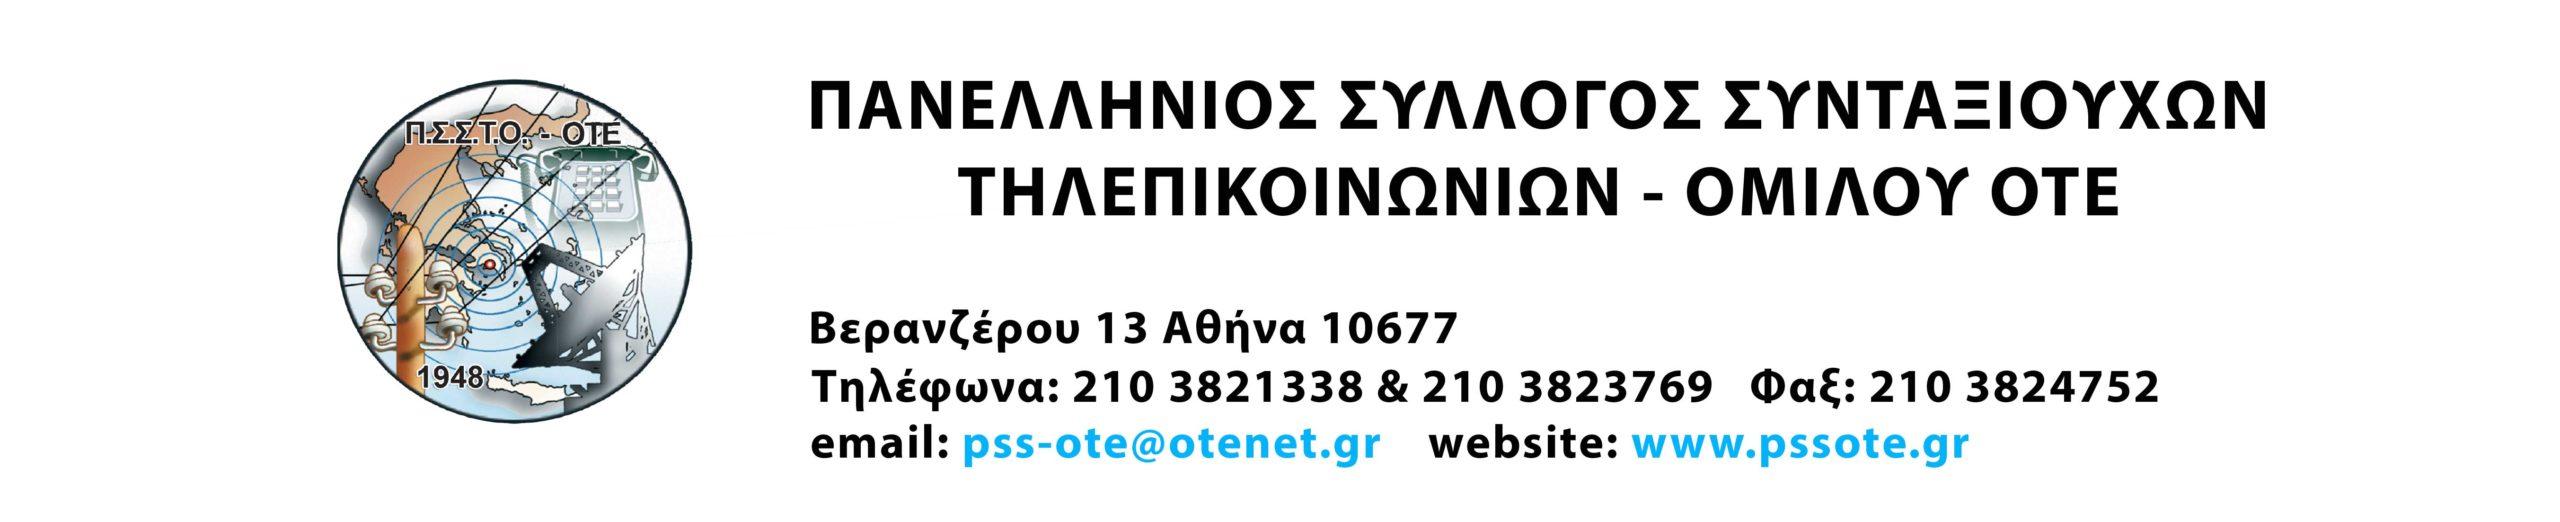 pssote.gr